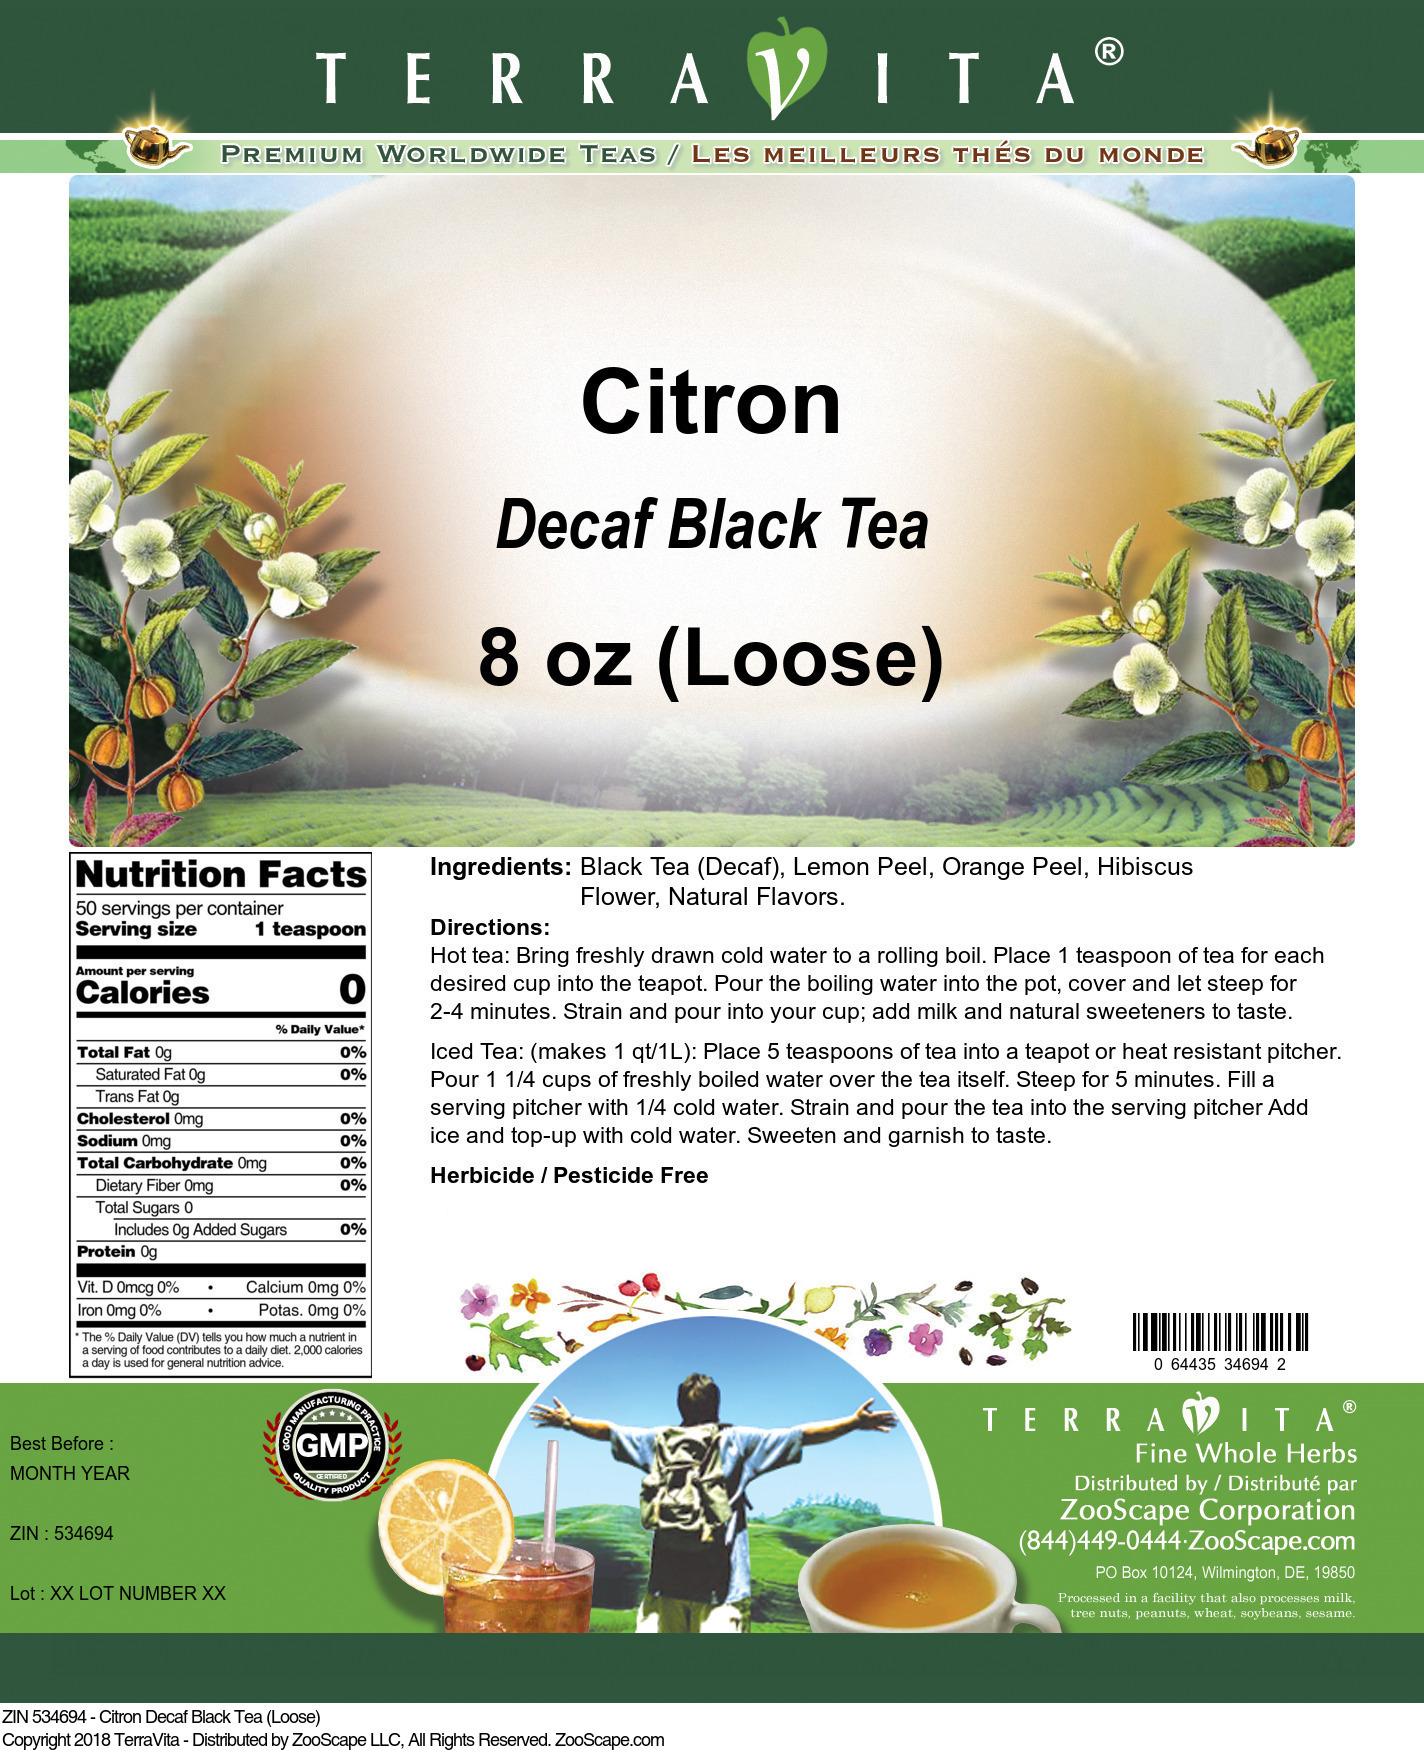 Citron Decaf Black Tea (Loose)